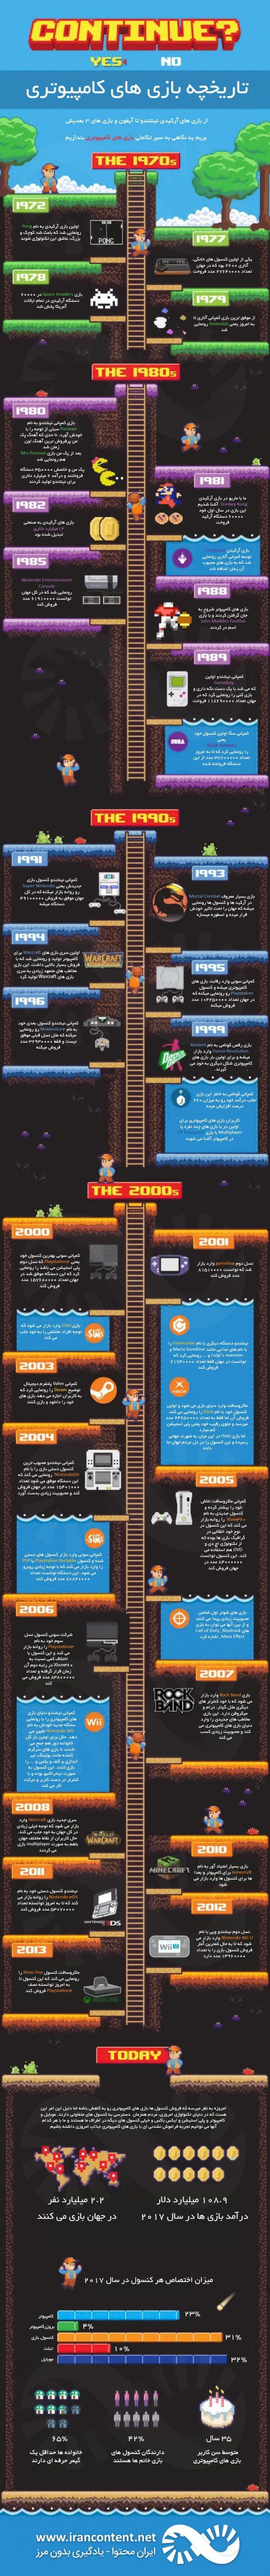 تاریخچه بازی های کامپیوتری